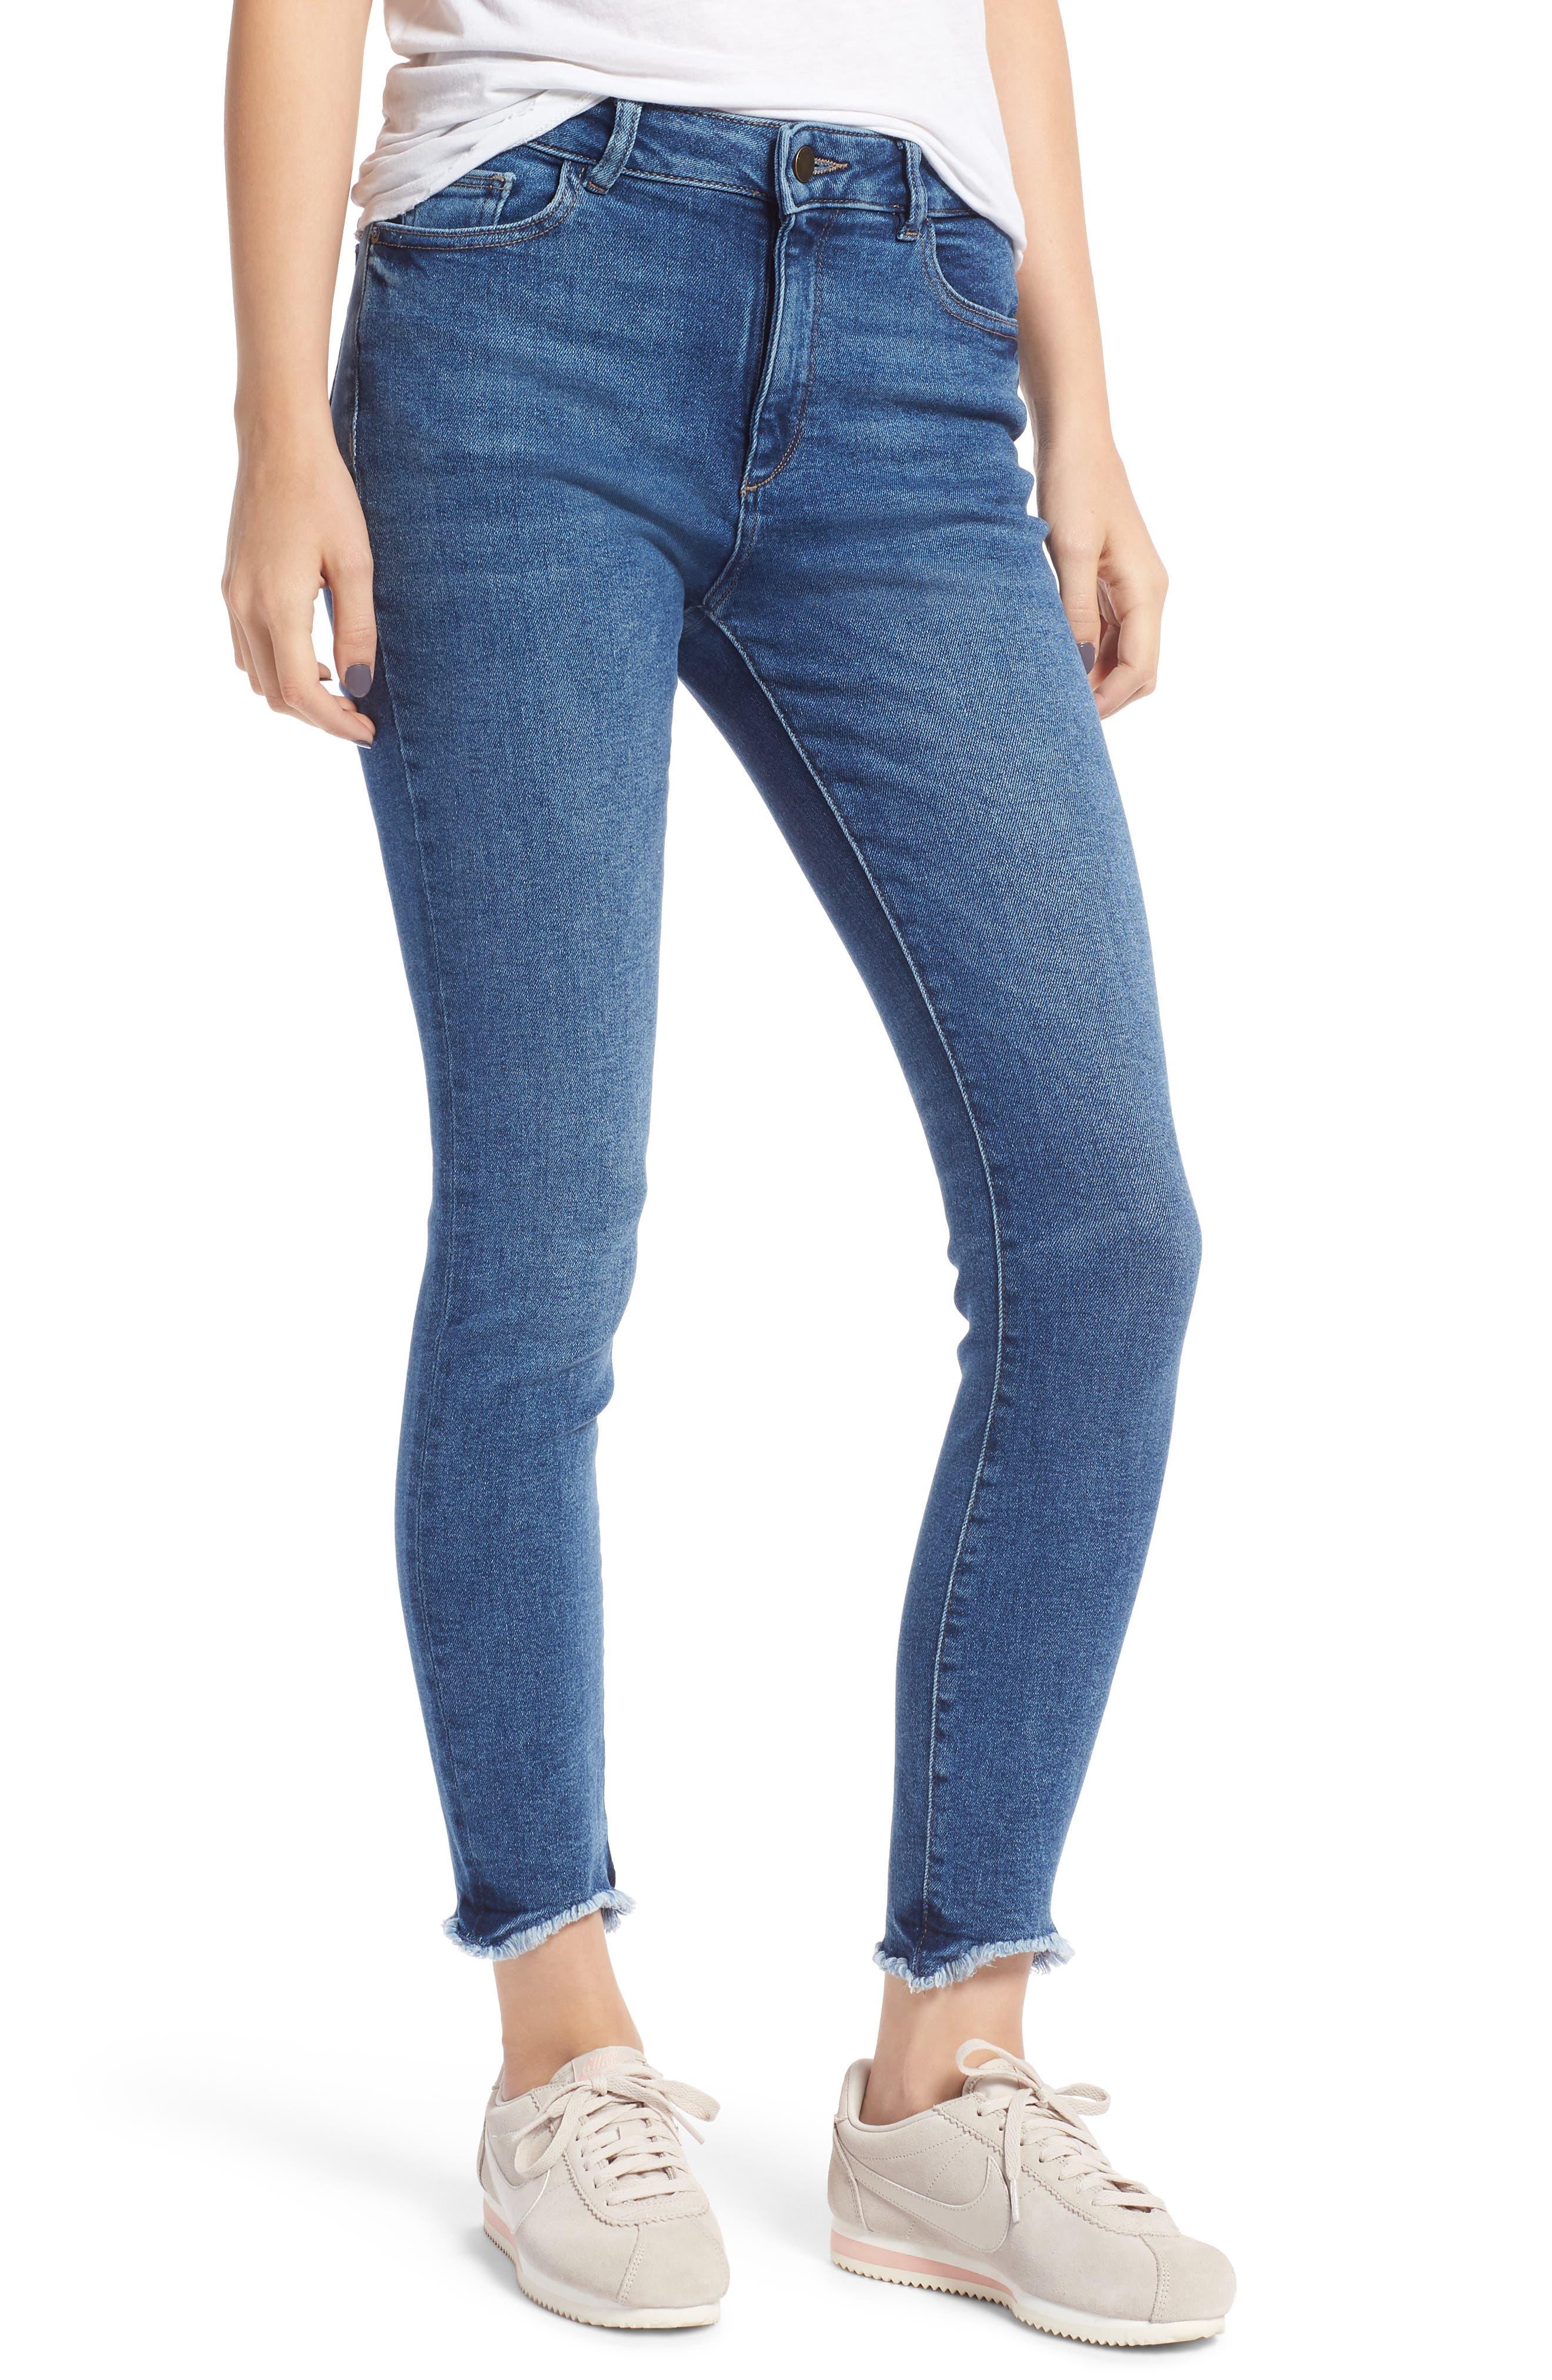 Farrow High Waist Skinny Jeans,                             Main thumbnail 1, color,                             422